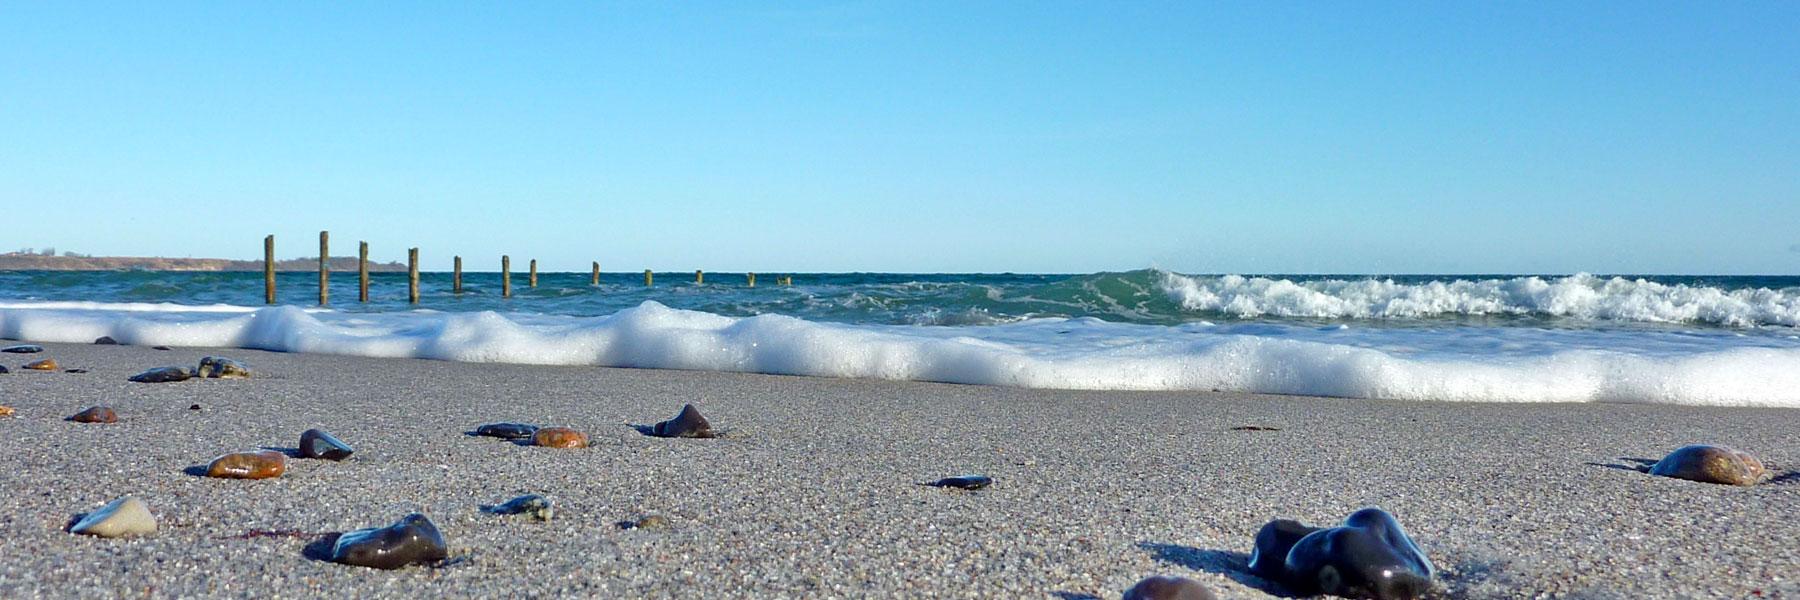 Ostseestrand - Freizeitcamp Am Wasser